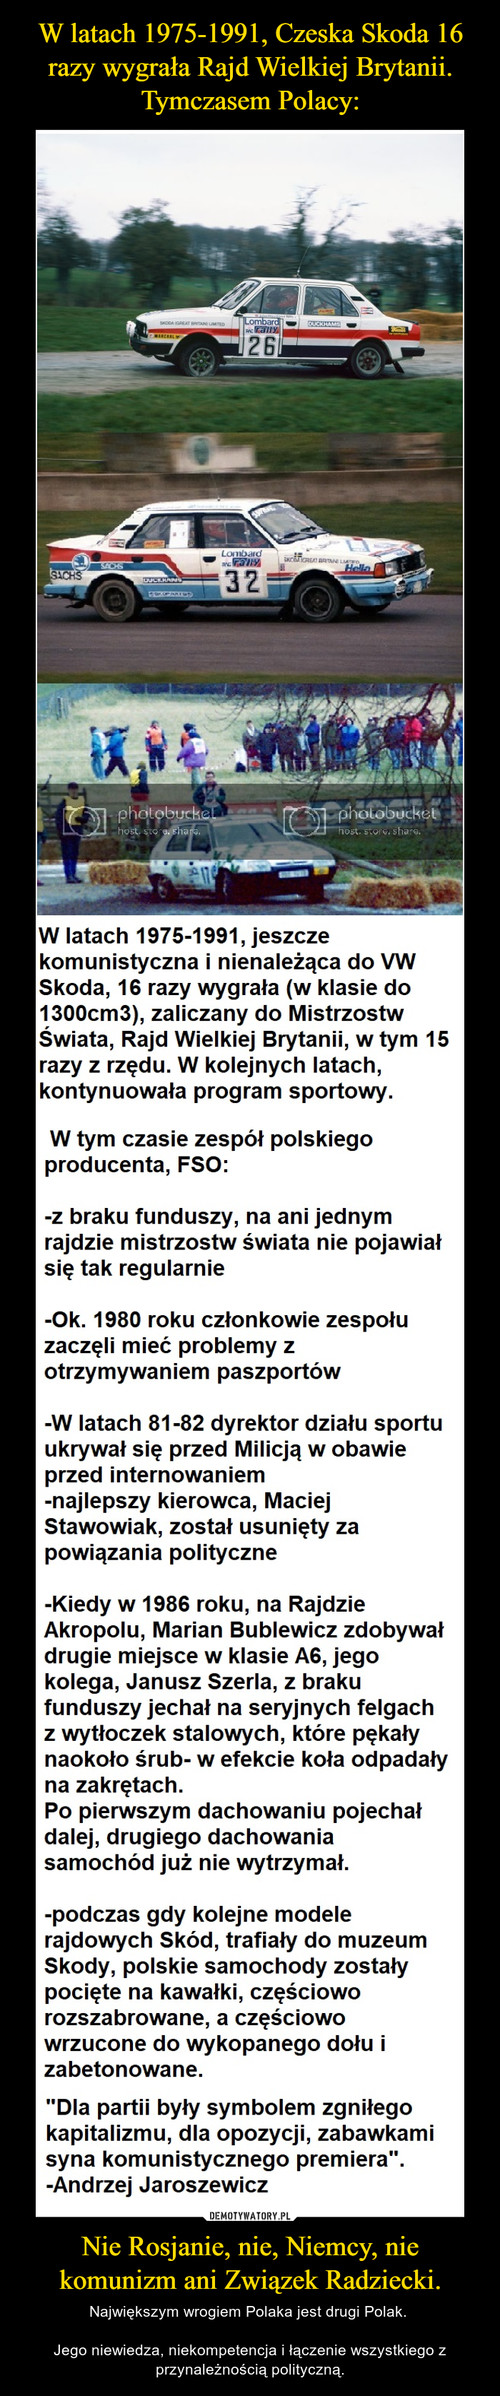 W latach 1975-1991, Czeska Skoda 16 razy wygrała Rajd Wielkiej Brytanii. Tymczasem Polacy: Nie Rosjanie, nie, Niemcy, nie komunizm ani Związek Radziecki.